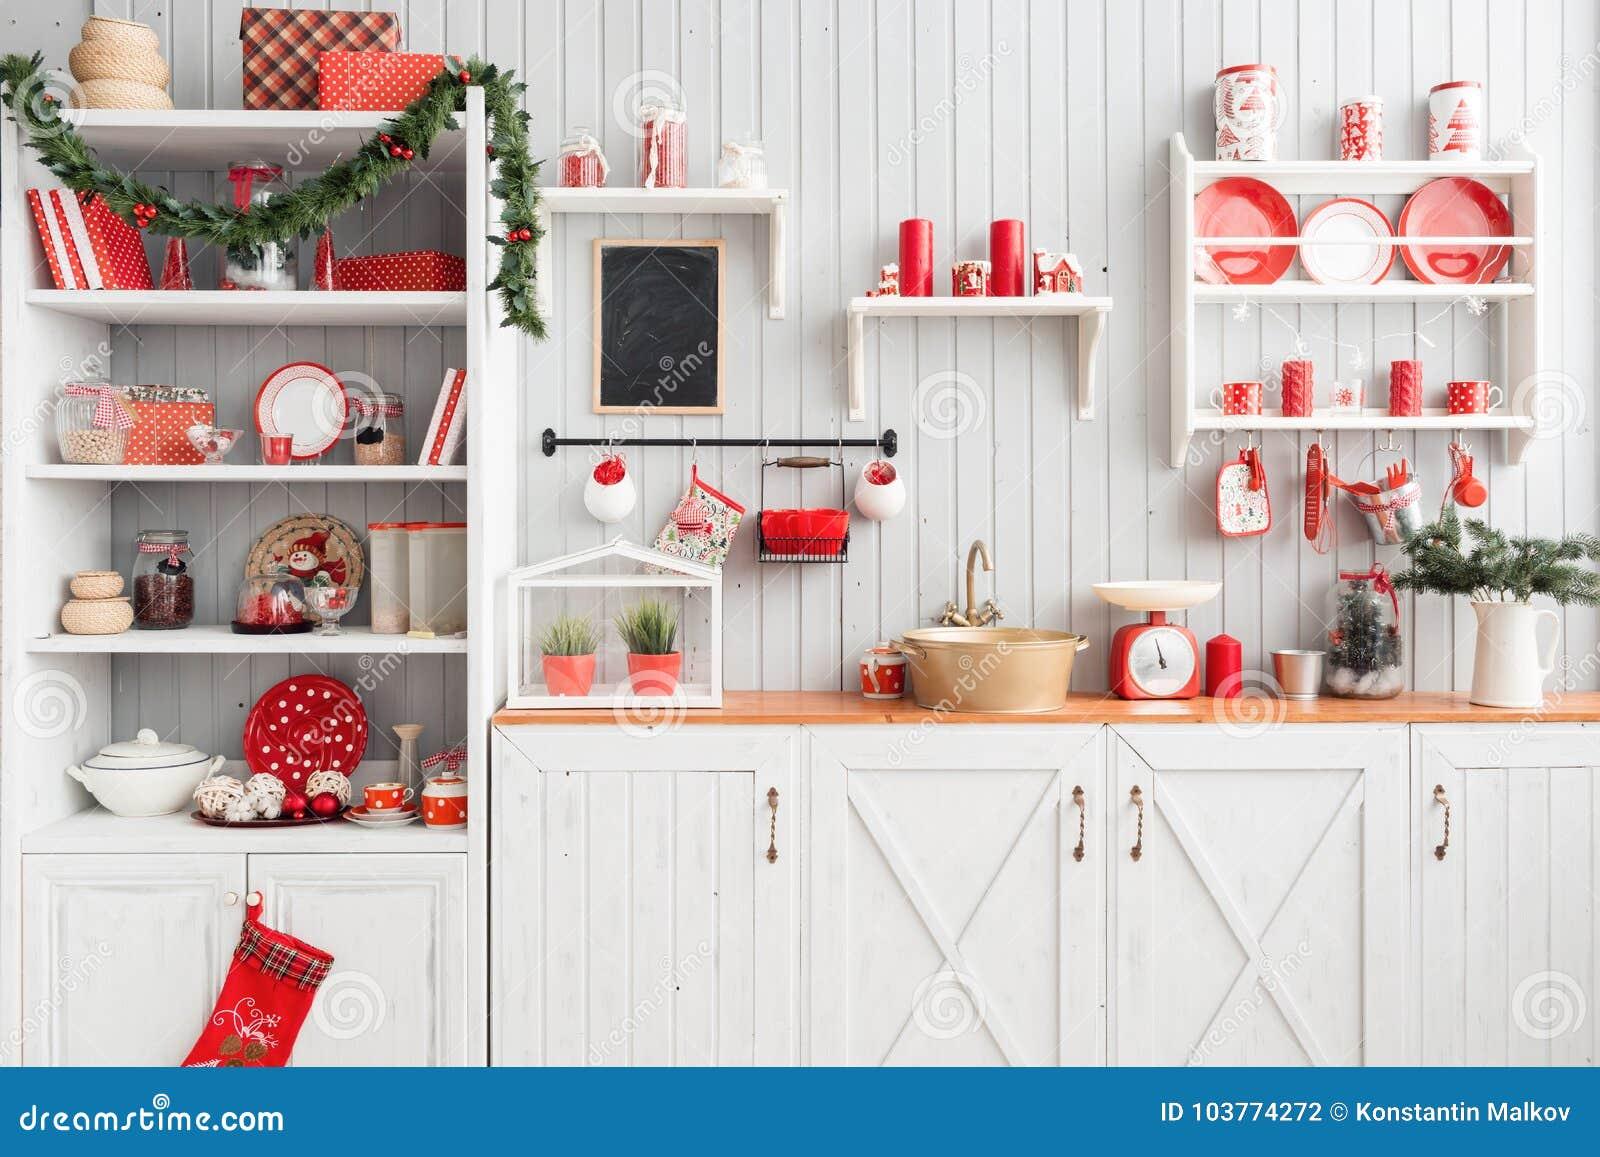 Cuisine Gris Clair cuisine gris-clair intérieure et décor rouge de noël